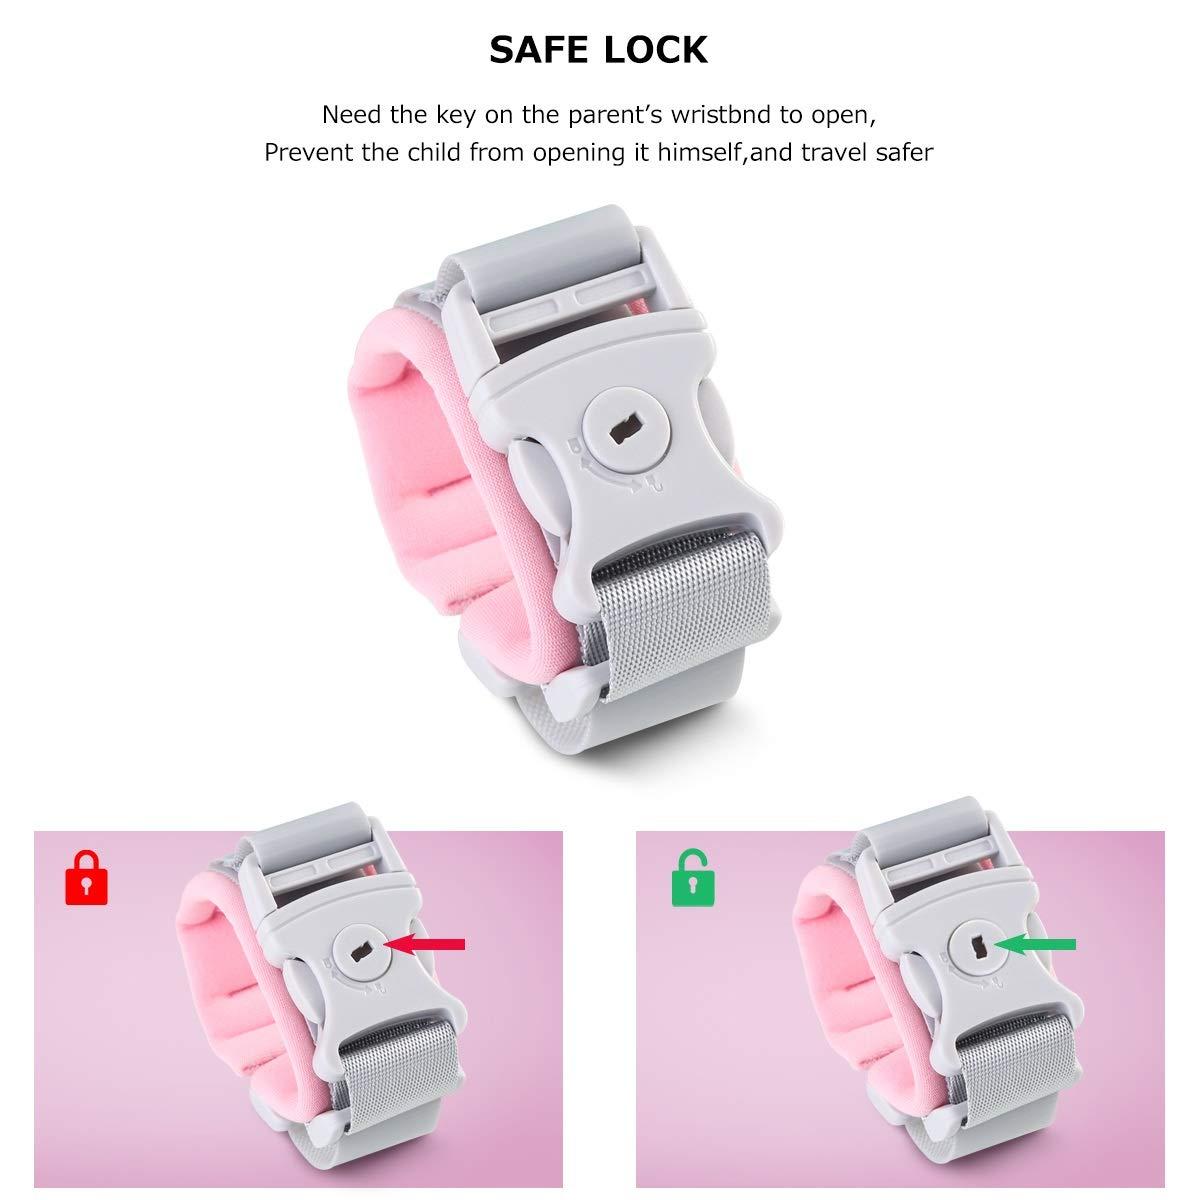 Nosii Key Lock Anti Lost Handgelenk Link Kleinkind Kindersicherheit Handgelenk Leine Anti-verlorene Seil Walking Leine f/ür Kinder Color : Blau, Size : 1.5m Fixed Head